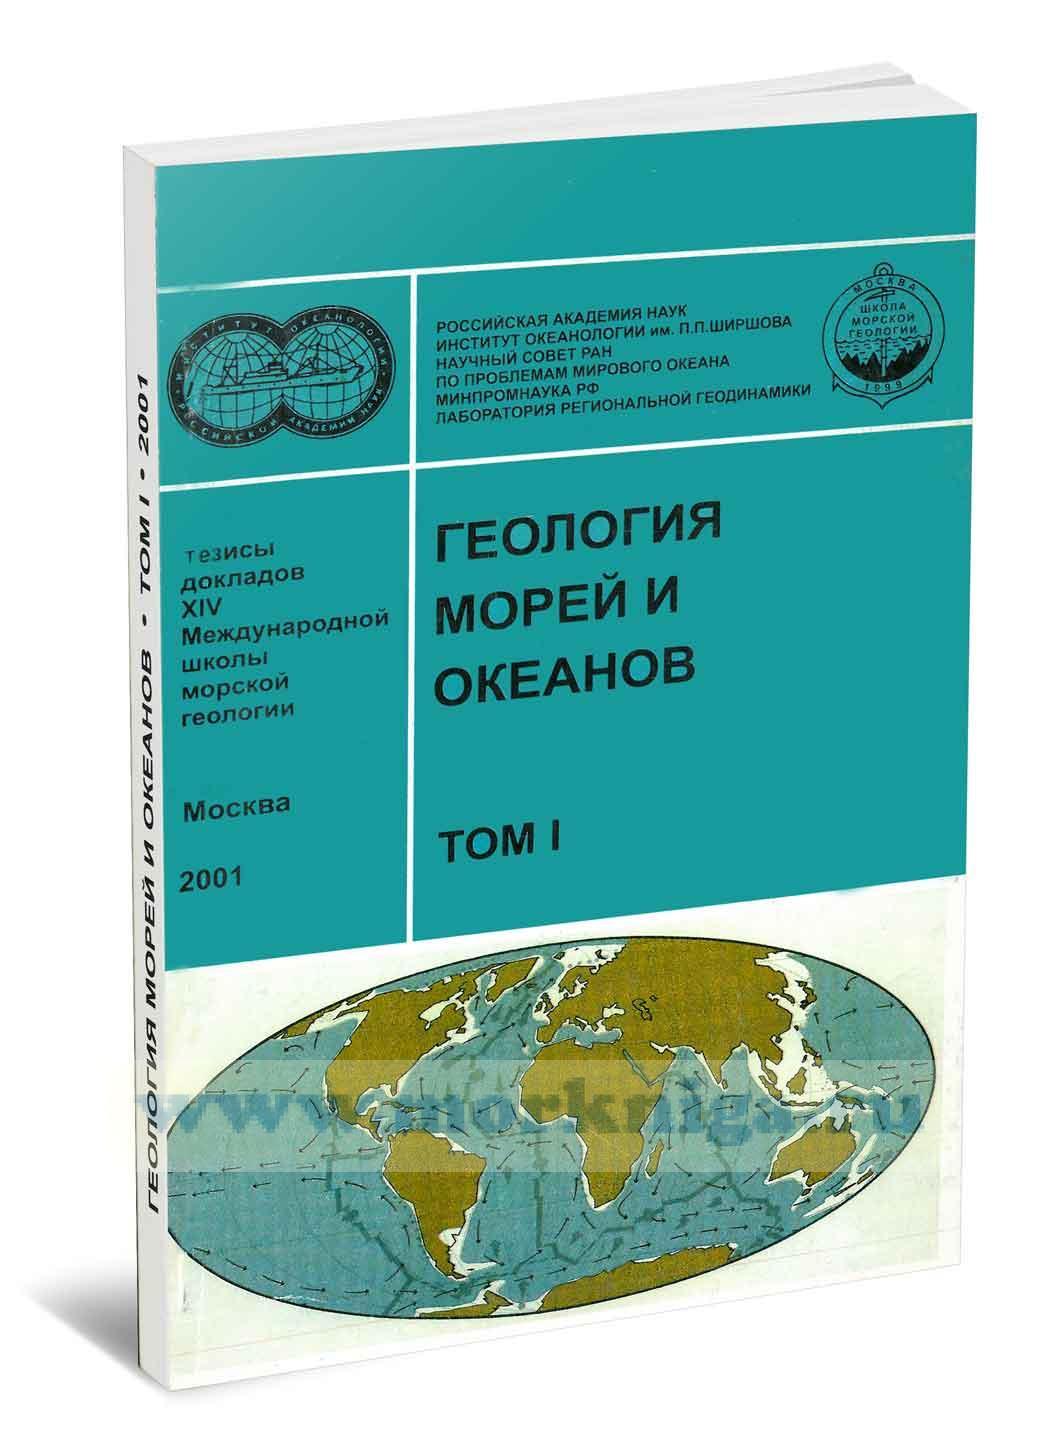 Геология морей и океанов: Тезисы докладов XIV Международной школы морской геологии. Том I